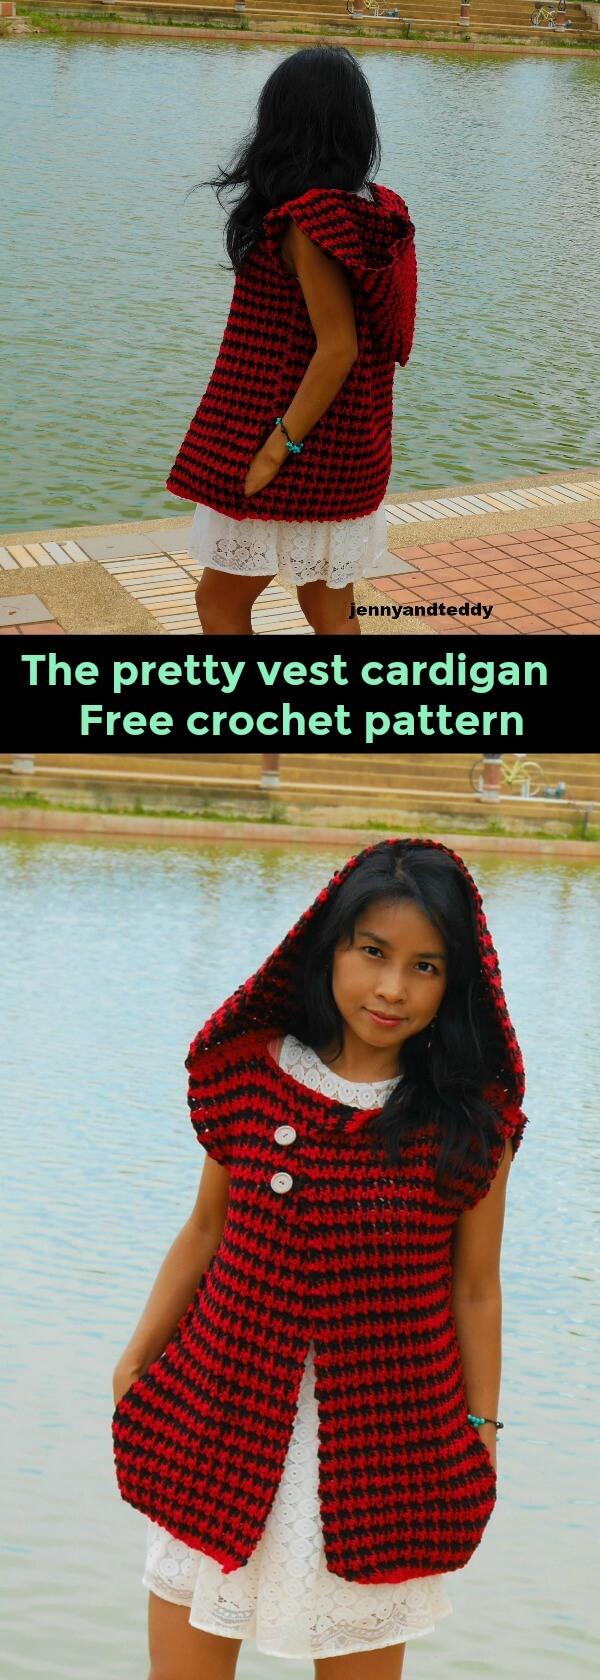 easy crochet hooded vest cardigan free crochet pattern by jennyandteddy